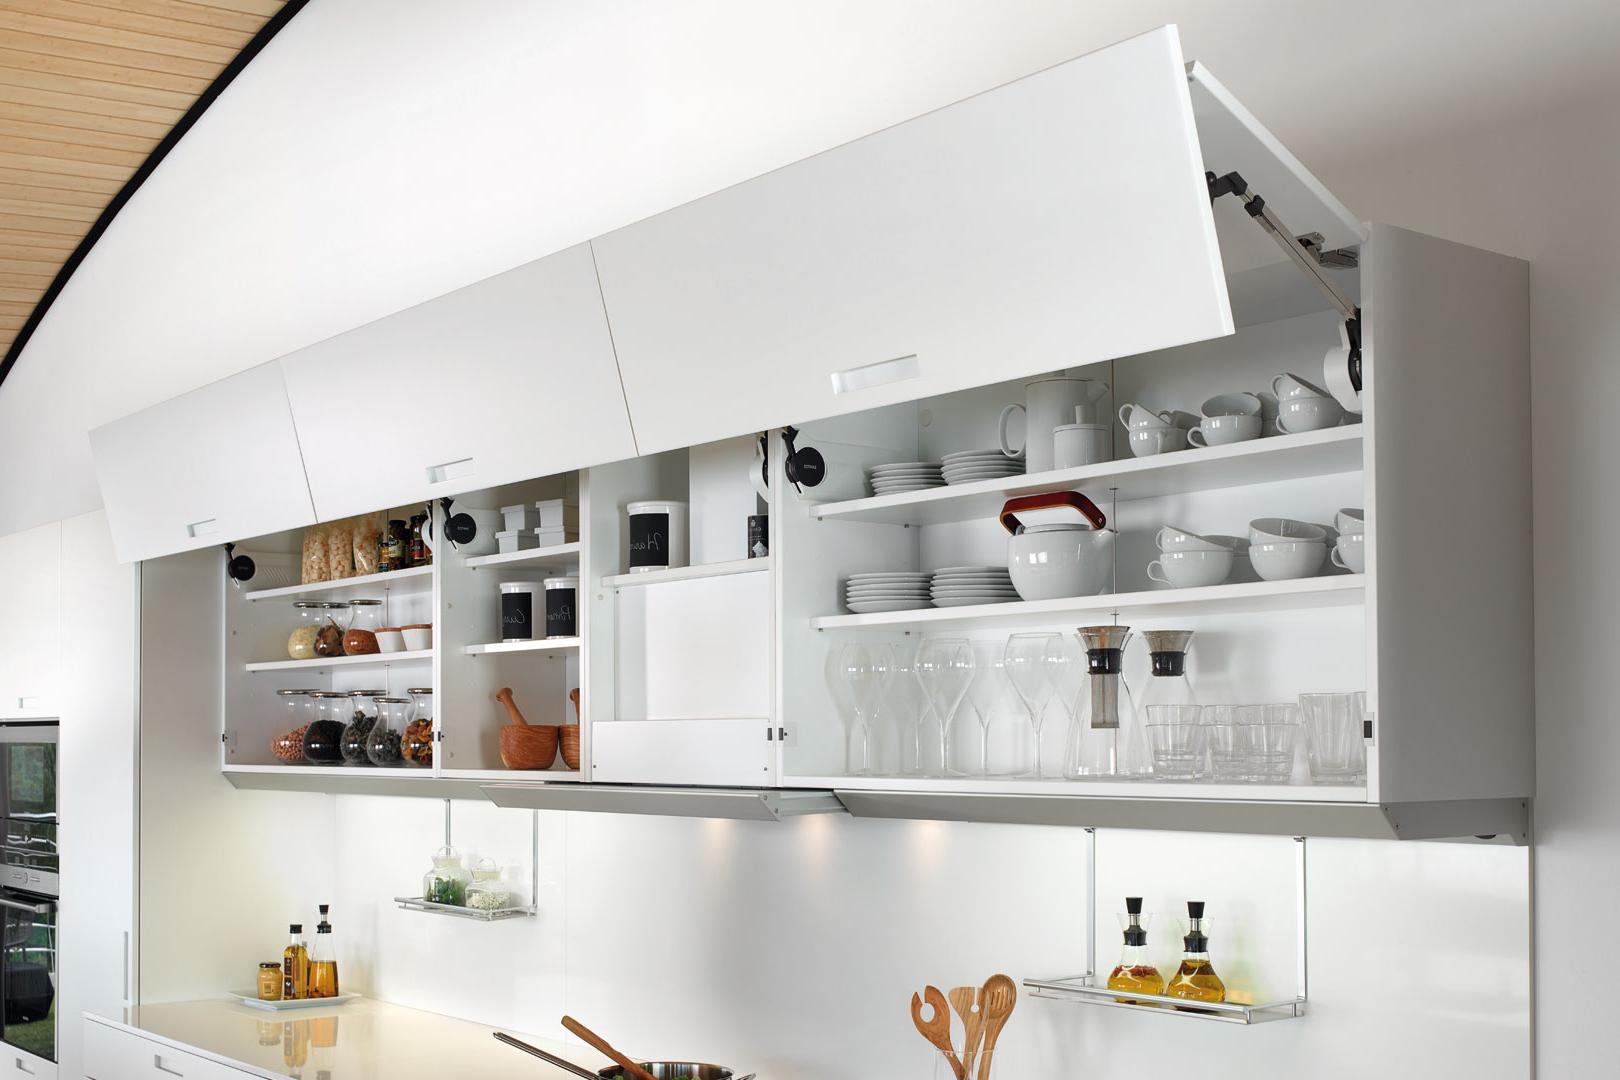 Muebles Cocina Tqd3 orden En La Cocina Ideas Para organizar El Interior De Los Muebles